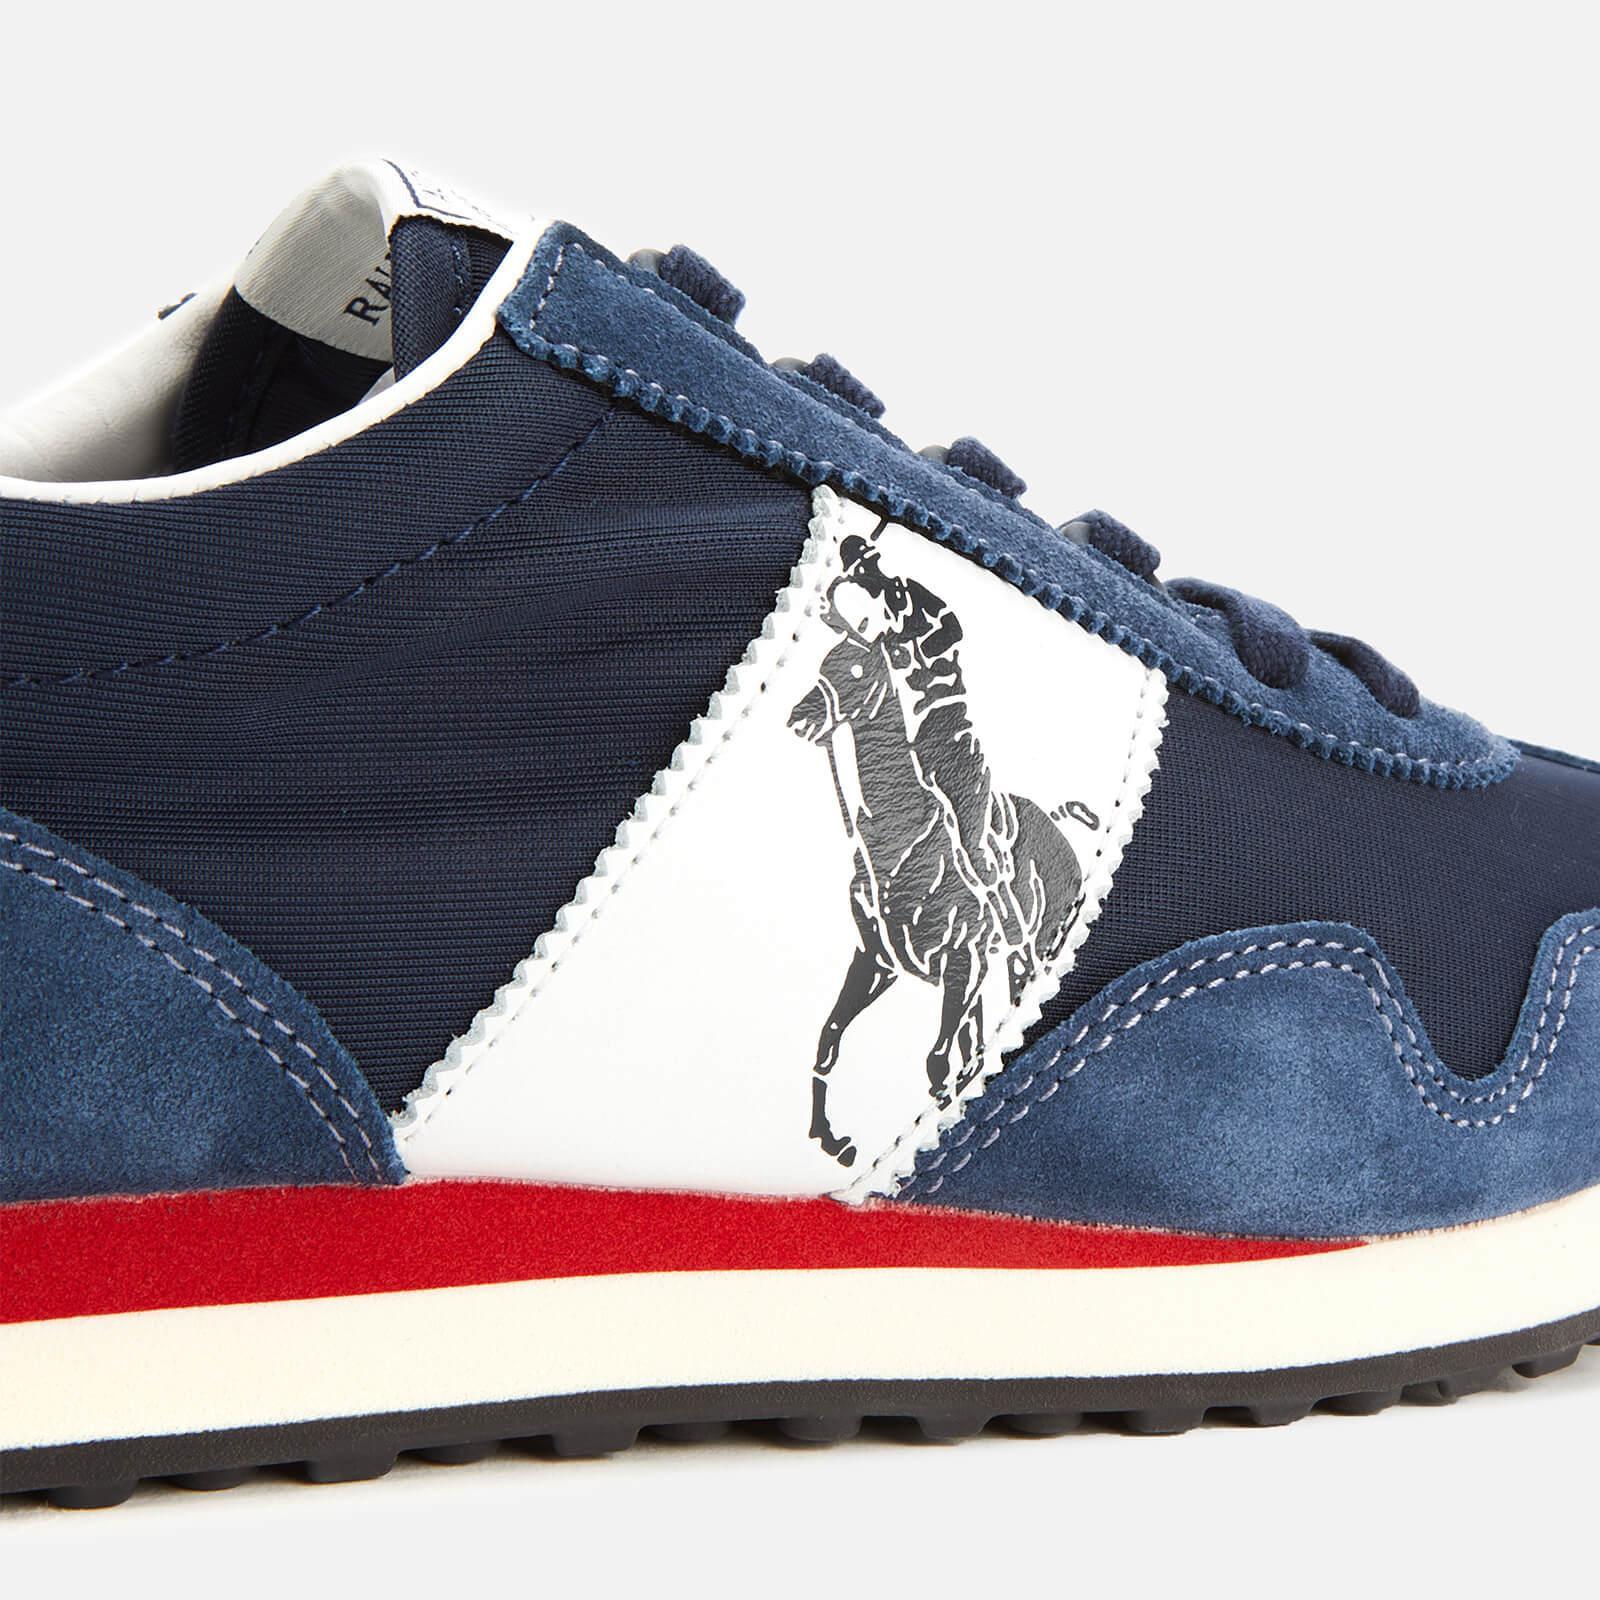 wholesale dealer 9585e 124c8 Men's Blue Train 90 Pp Runner Style Sneakers